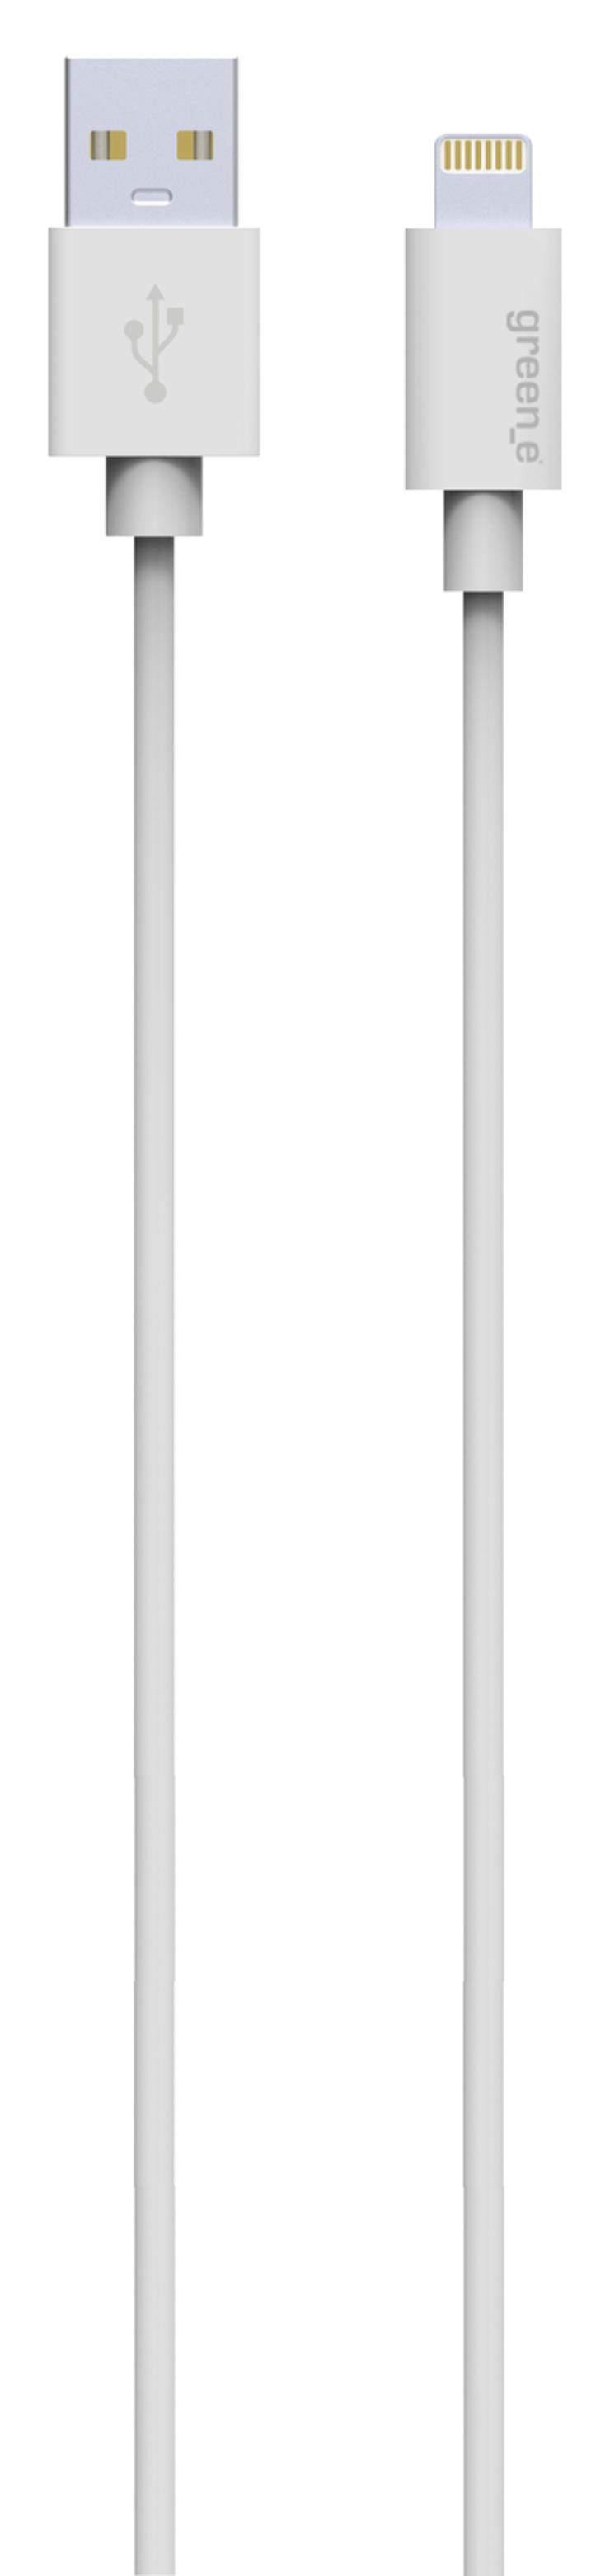 KIT CHARGEUR SECTEUR TURBO 1 X 2.4A + CORDON LIGHTNING + HOUSSE DE TRANSPORT EN COTON BIO gr3005